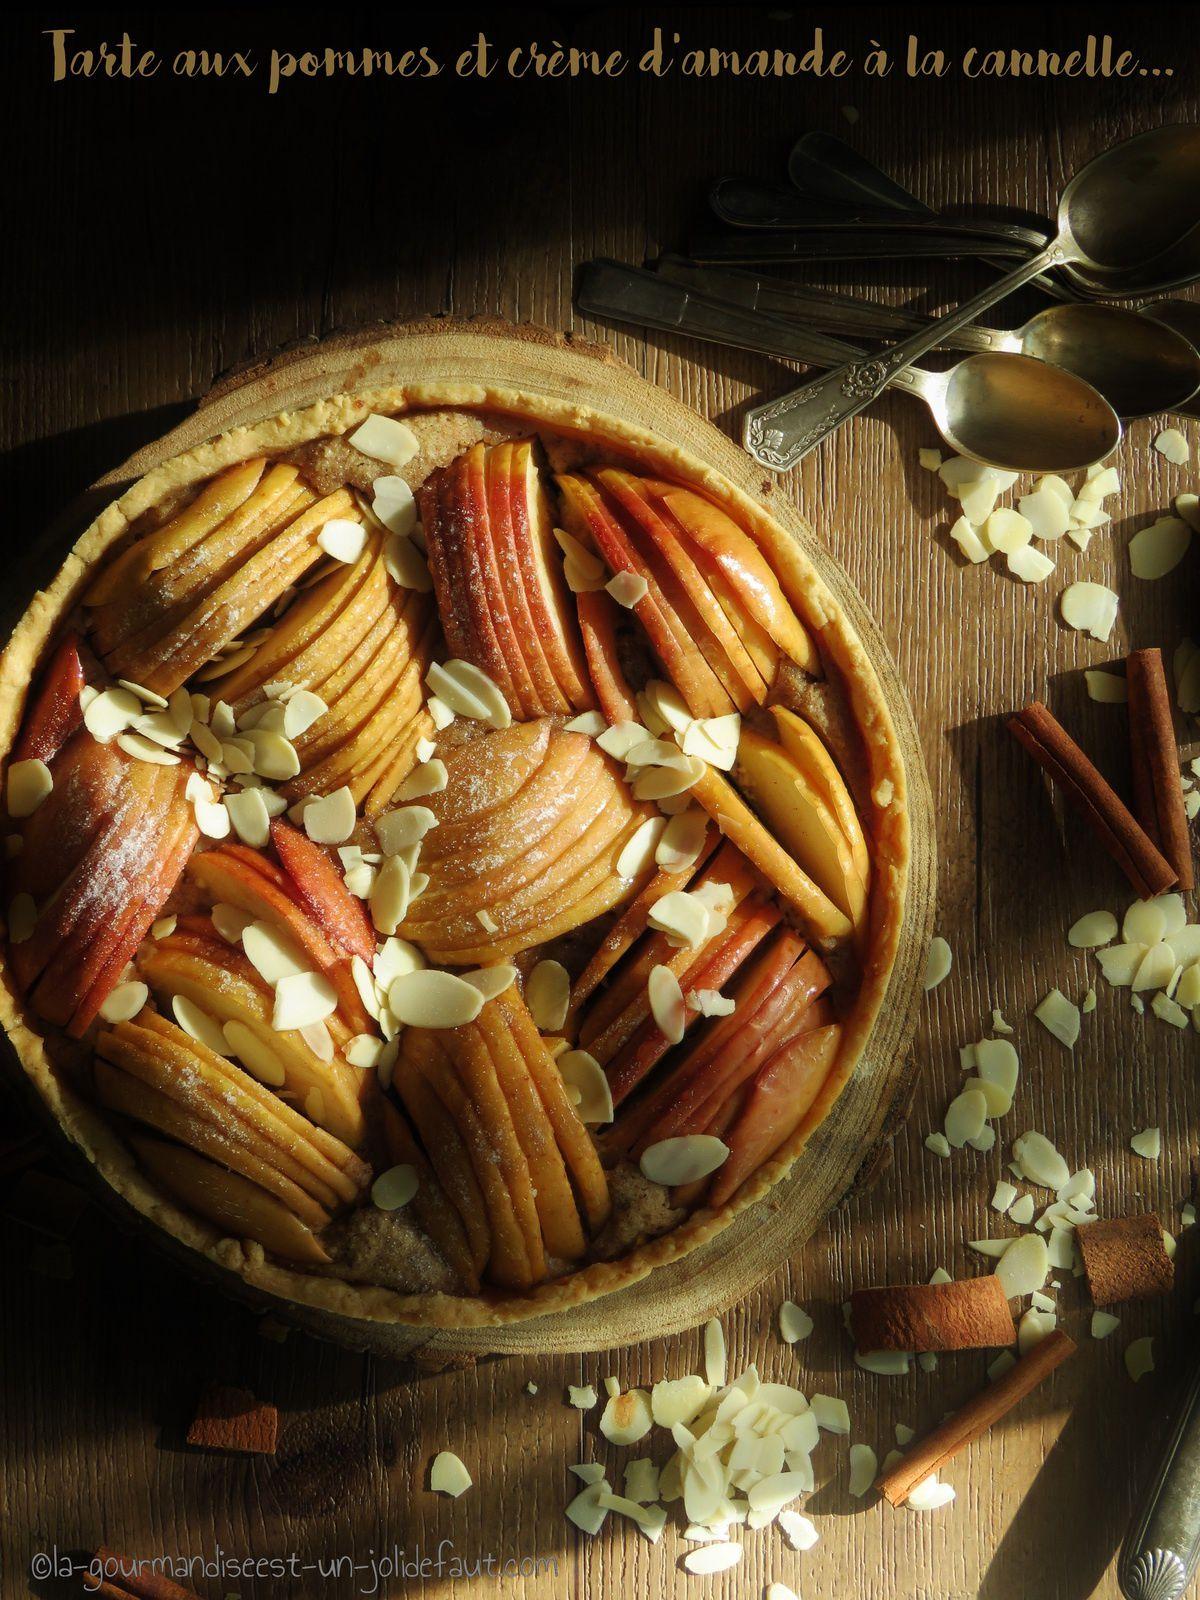 Tarte aux pommes et crème d'amande à la cannelle